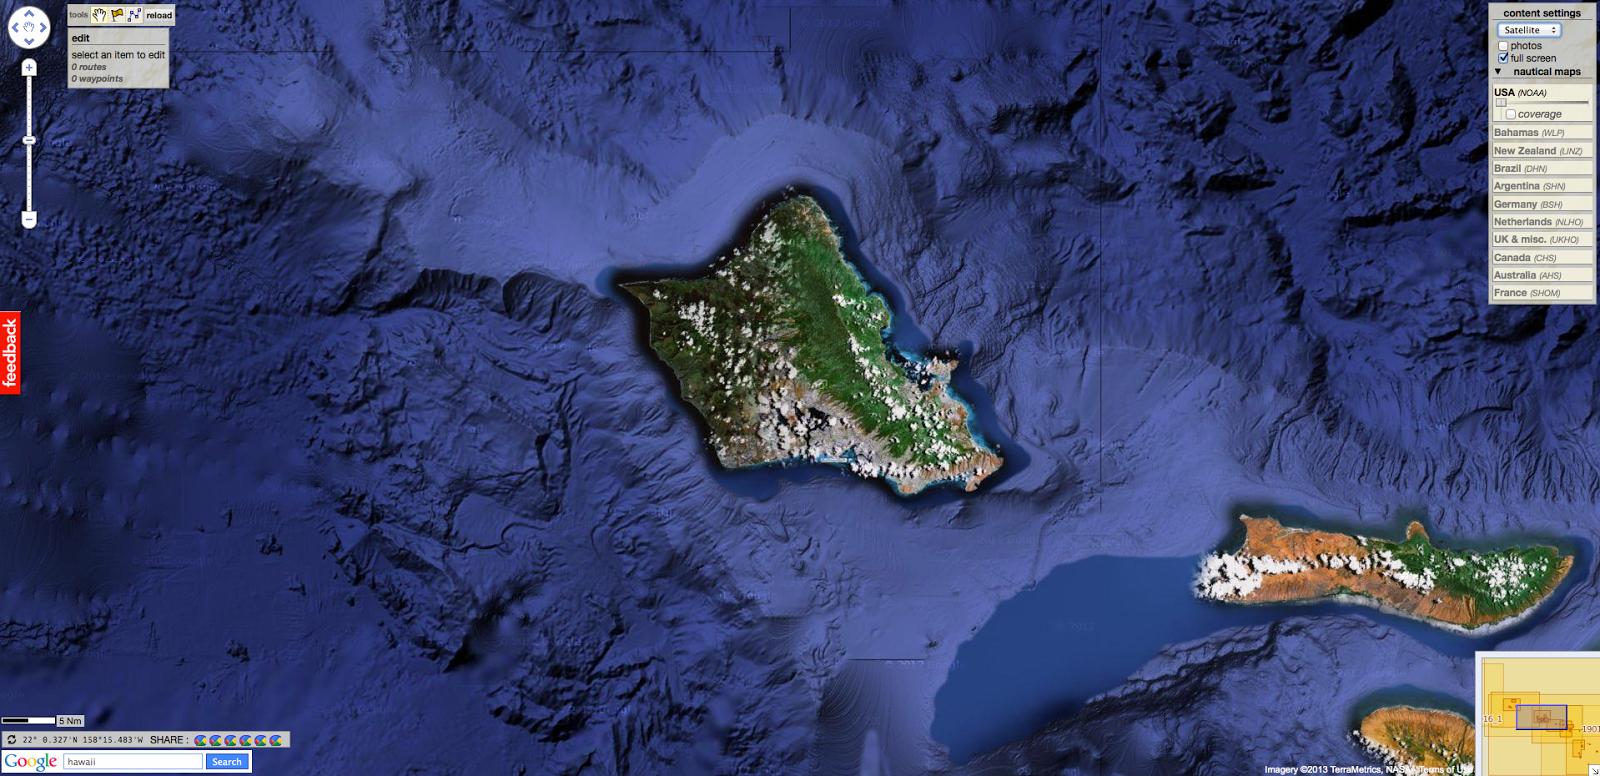 Oahu, Hawaii With Google Maps. U003eu003eu003e